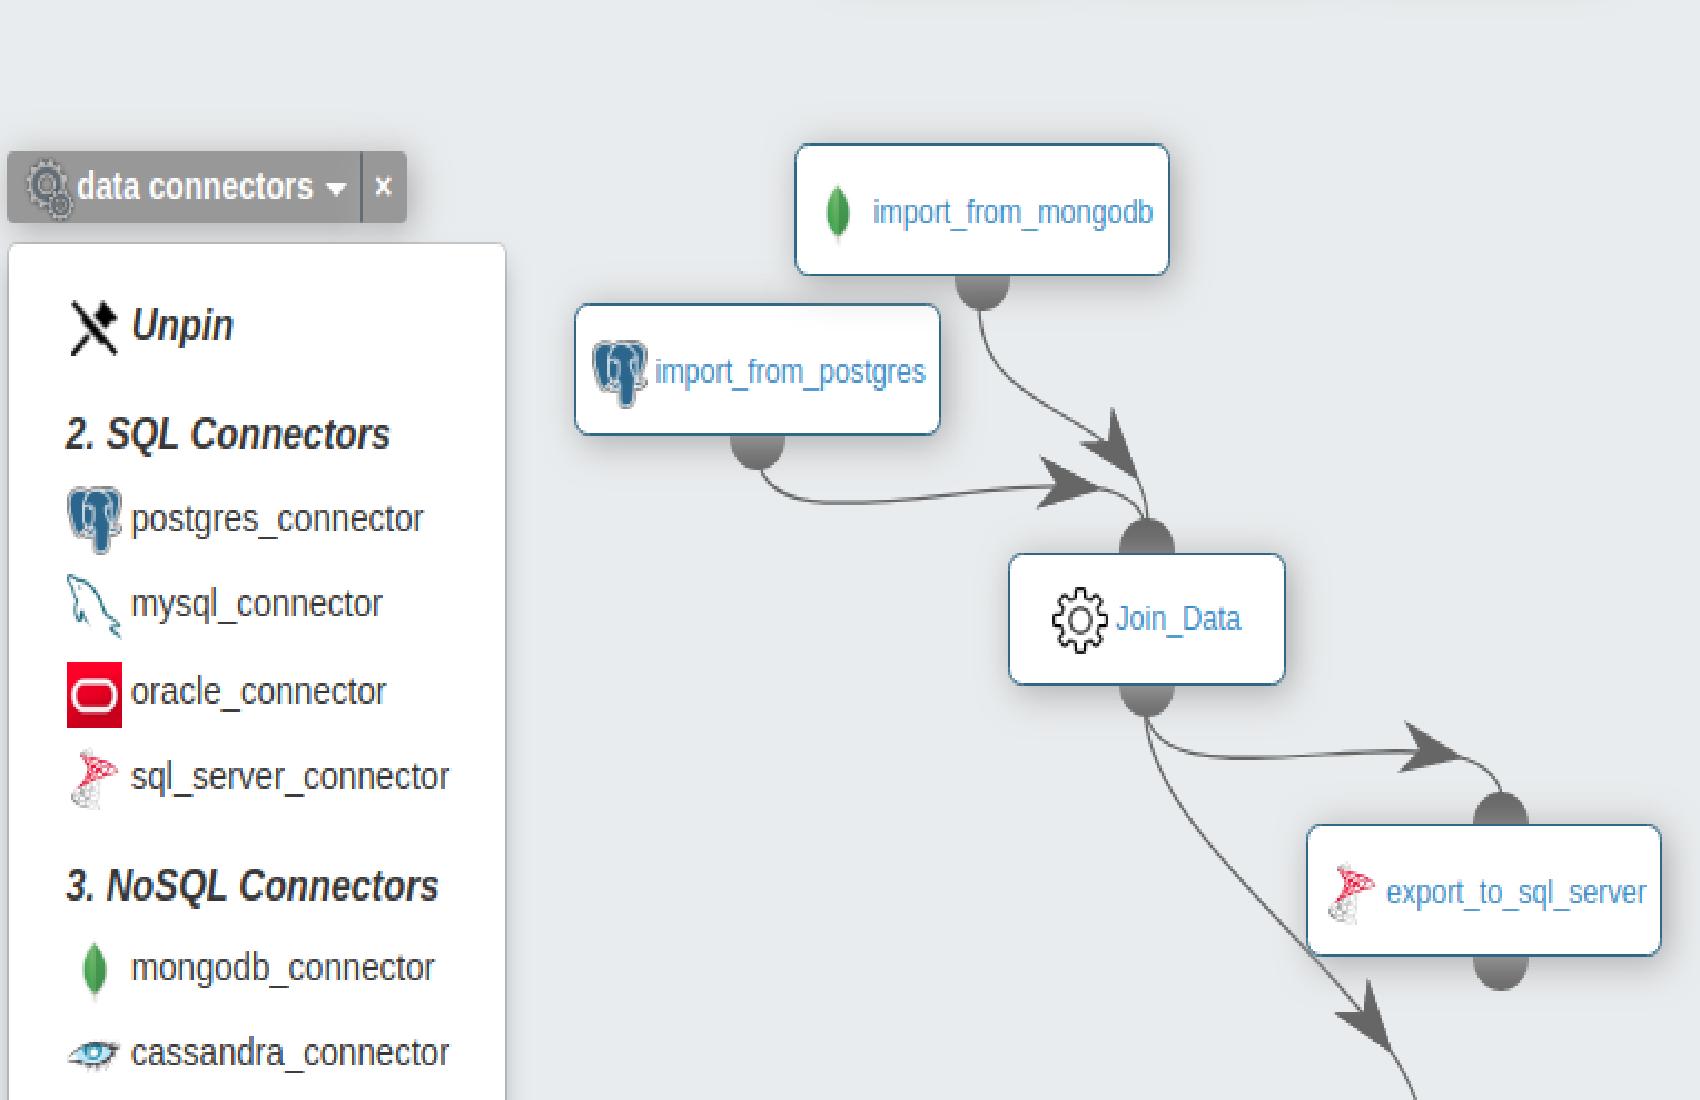 images/product-screenshots/screenshot-data-connectors-2.png